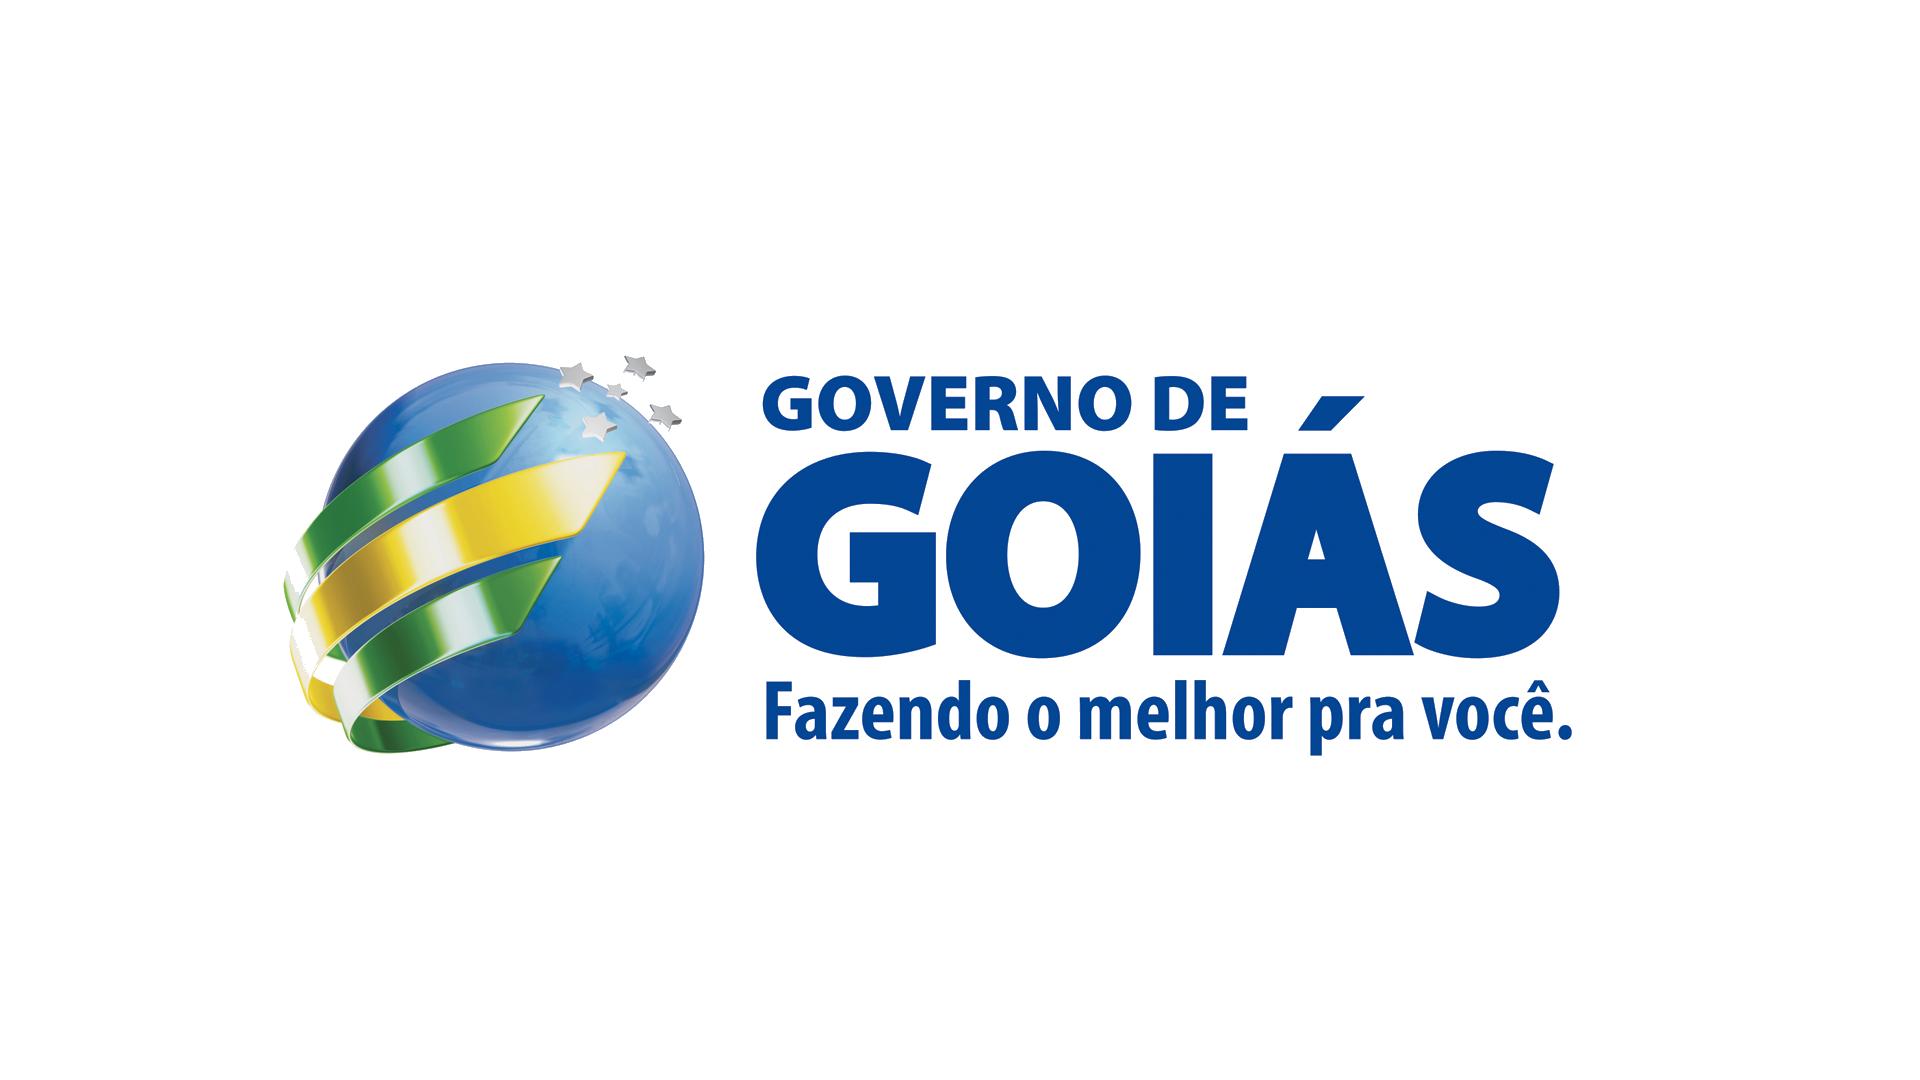 Patrocinadores - Governo de Goiás